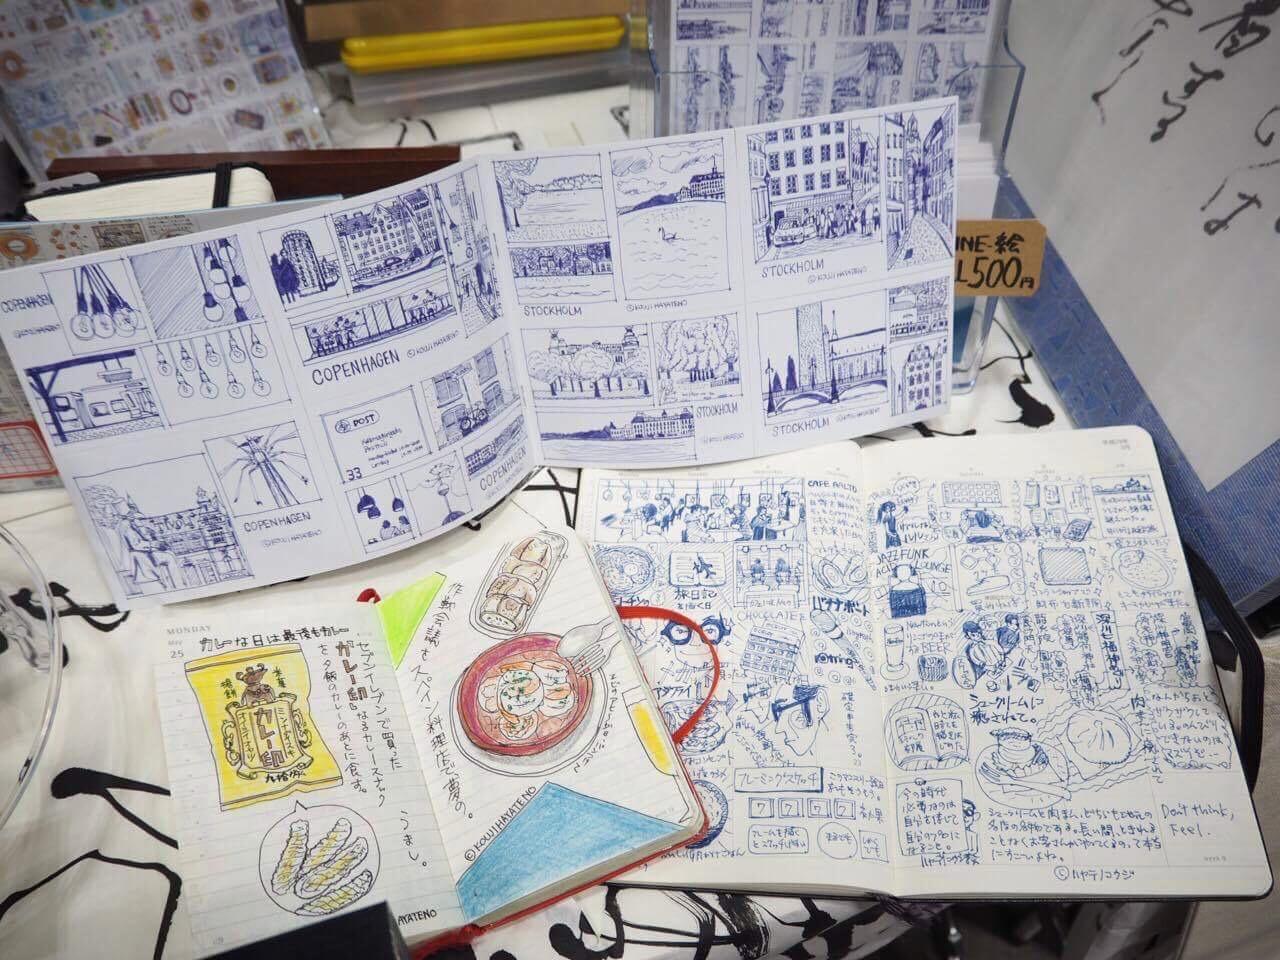 デザインフェスタ:ハヤテノコウジブース